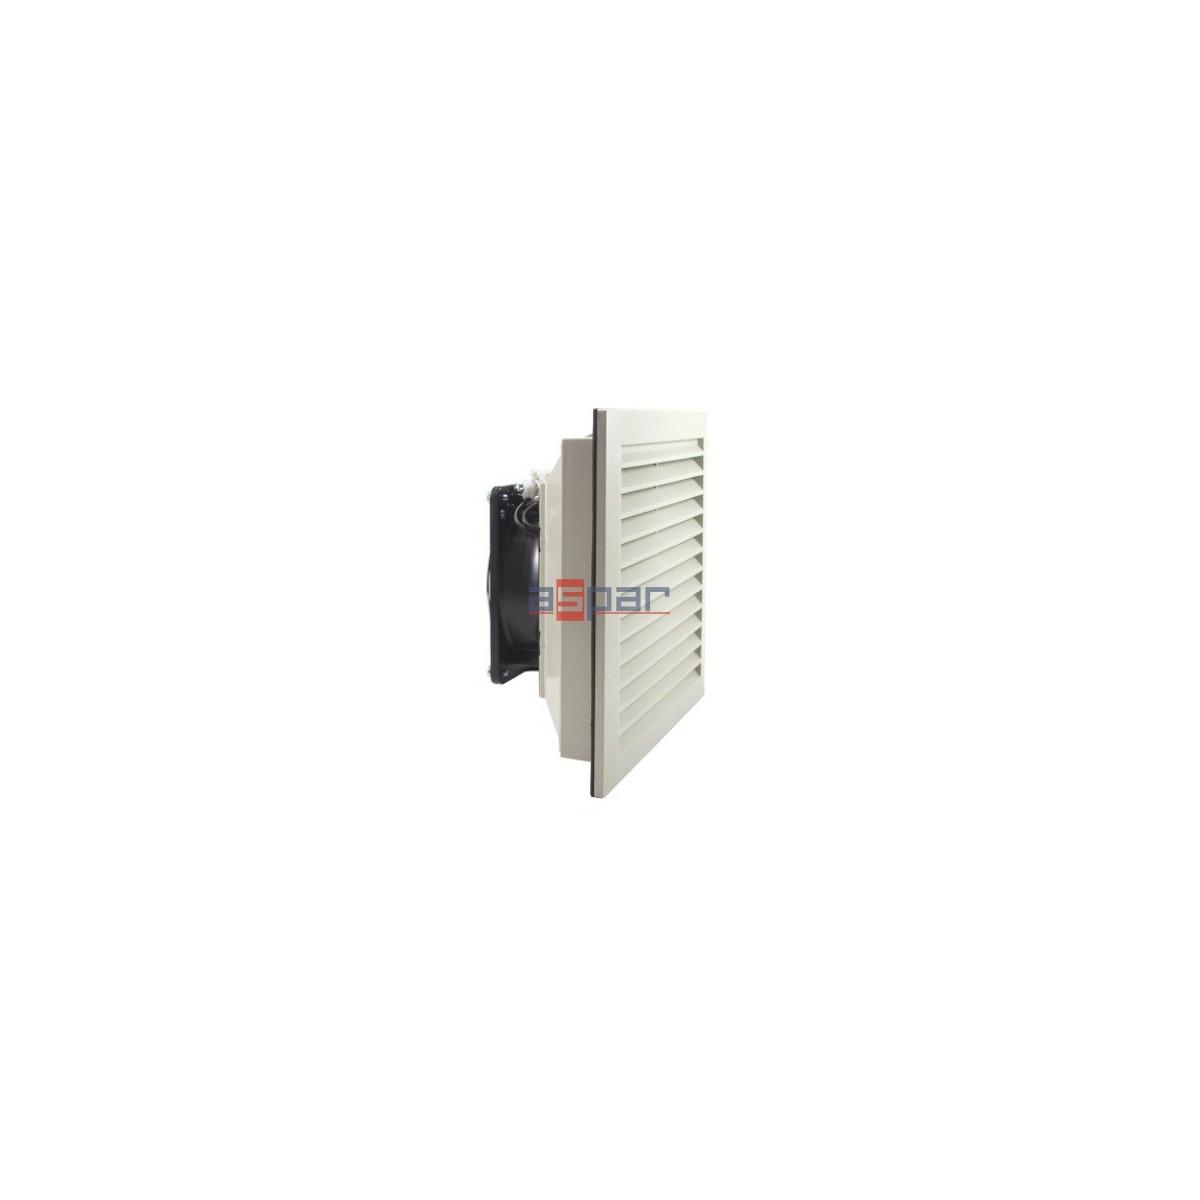 LV 300 230VAC - filter fan, 204 x 204mm